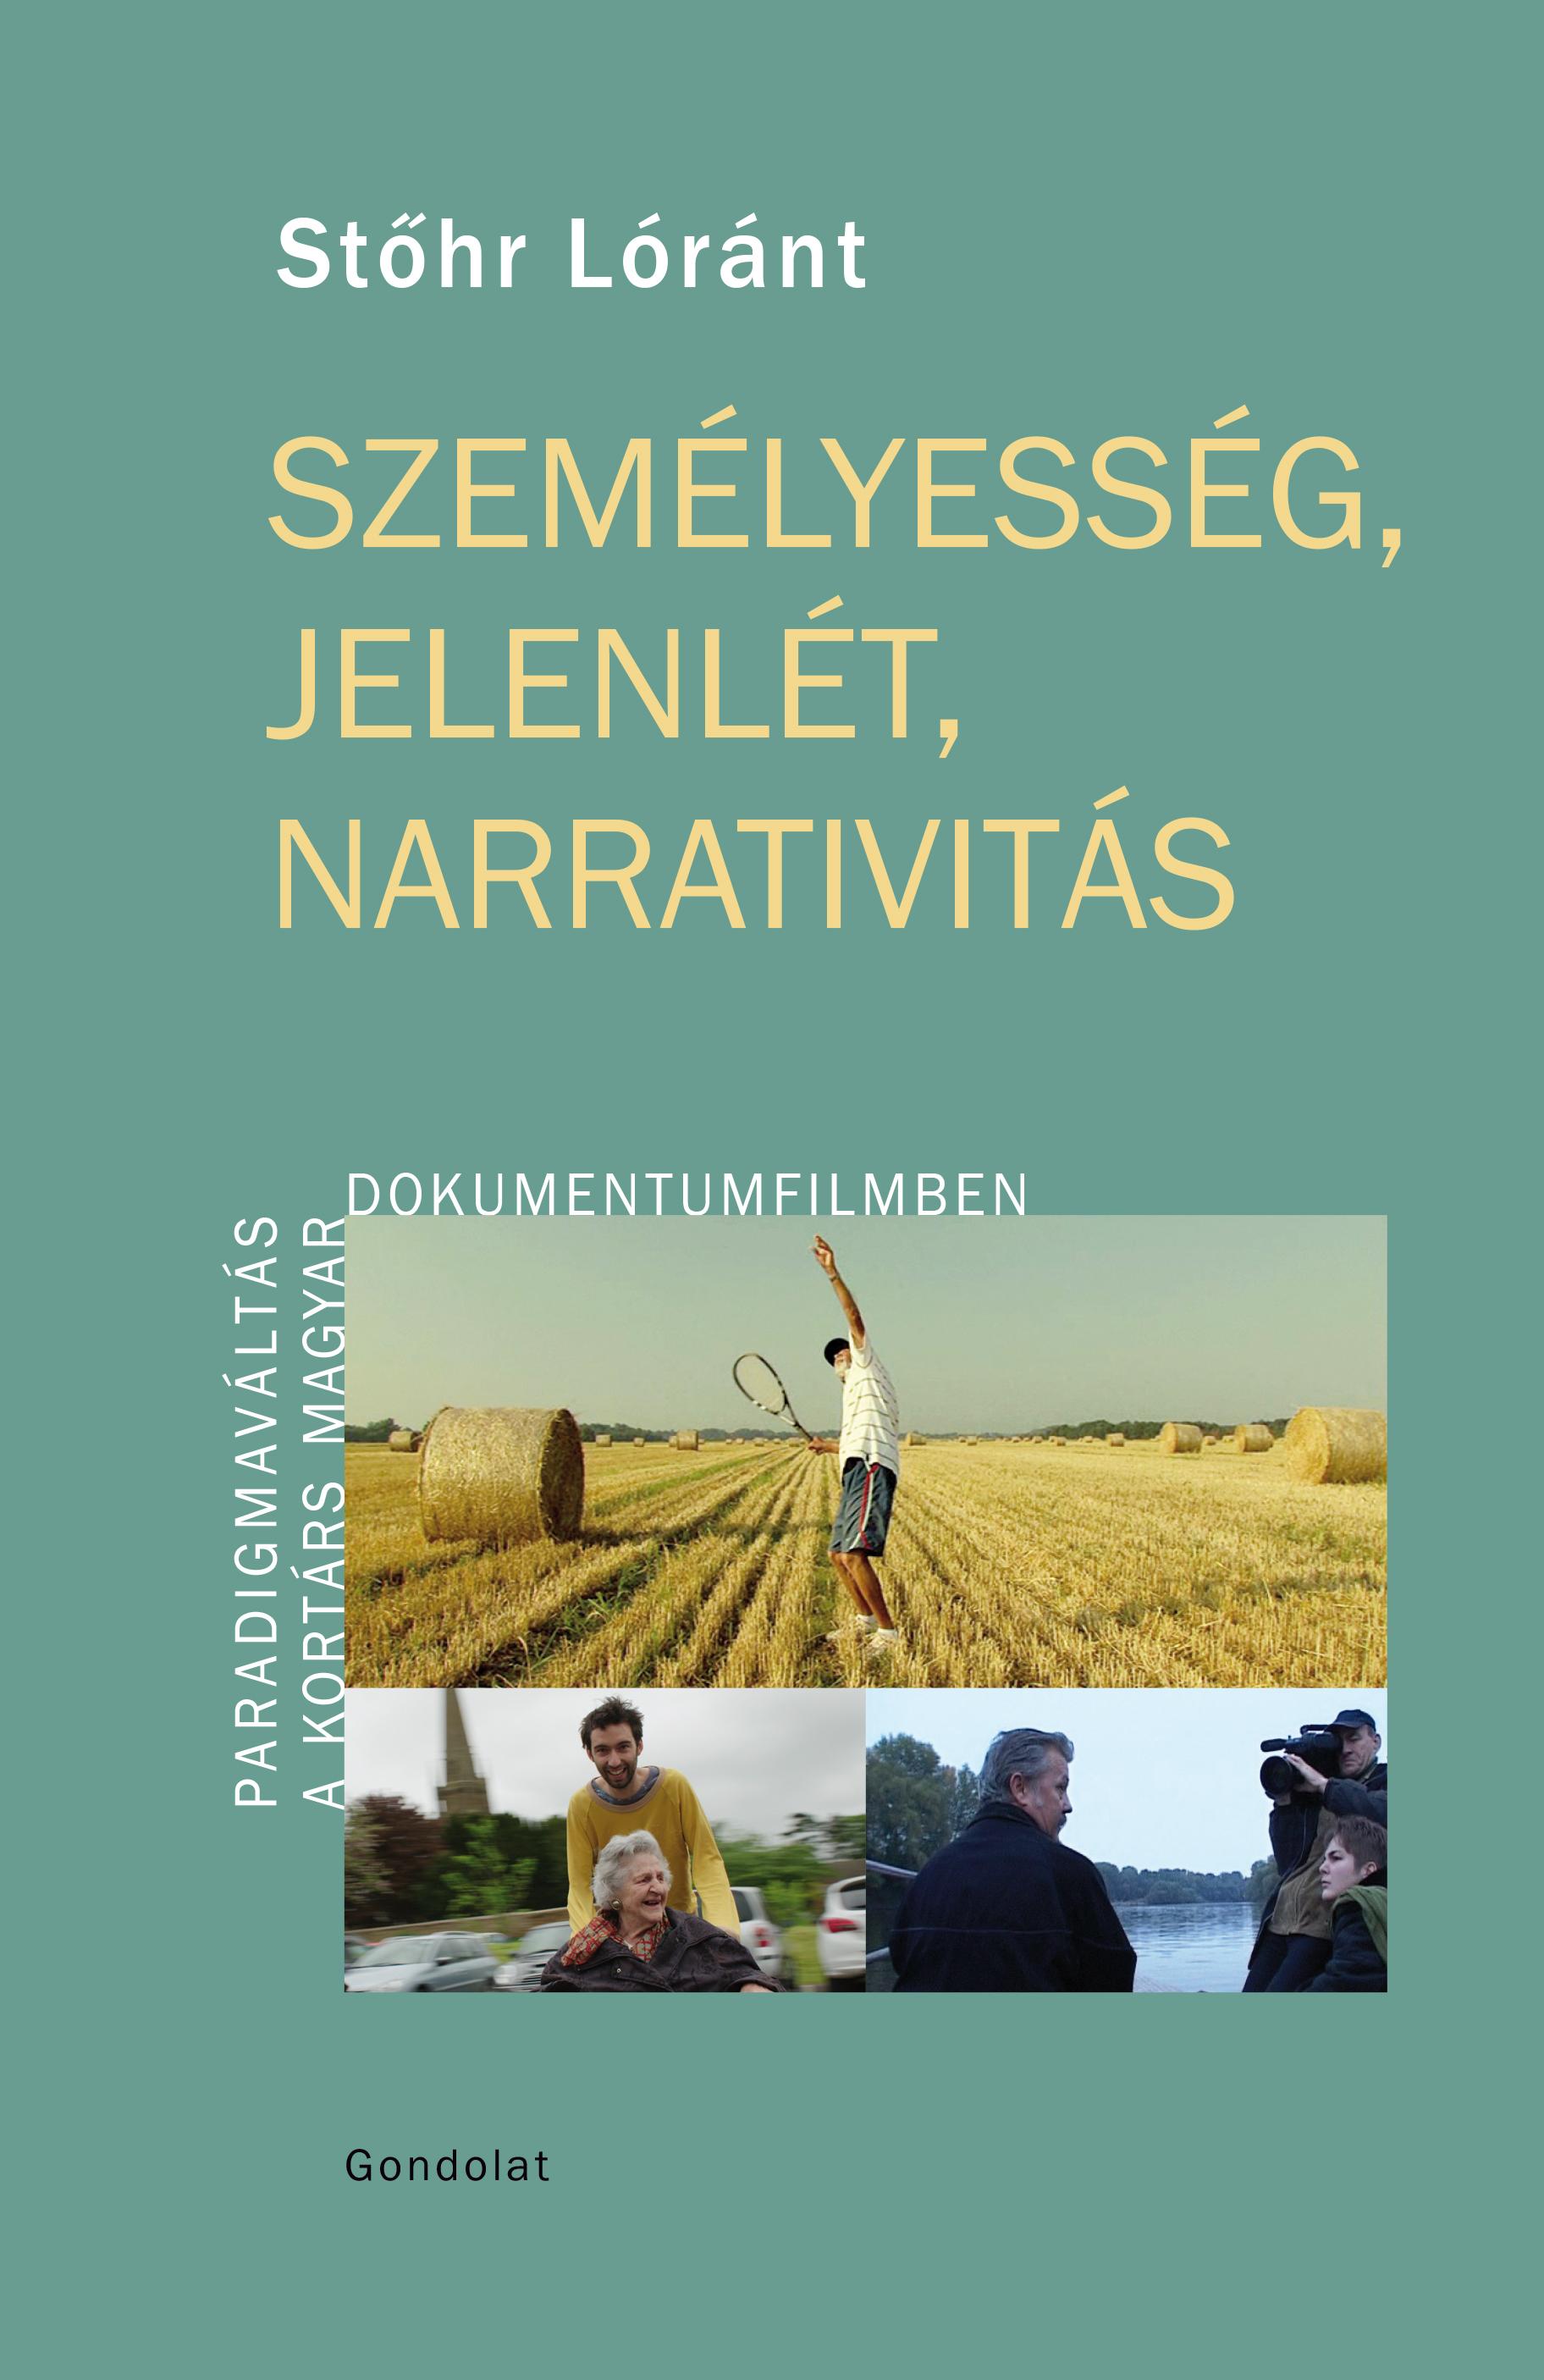 Stőhr Lóránt: <em>Személyesség, jelenlét, narrativitás. Paradigmaváltás a kortárs magyar dokumentumfilmben</em>